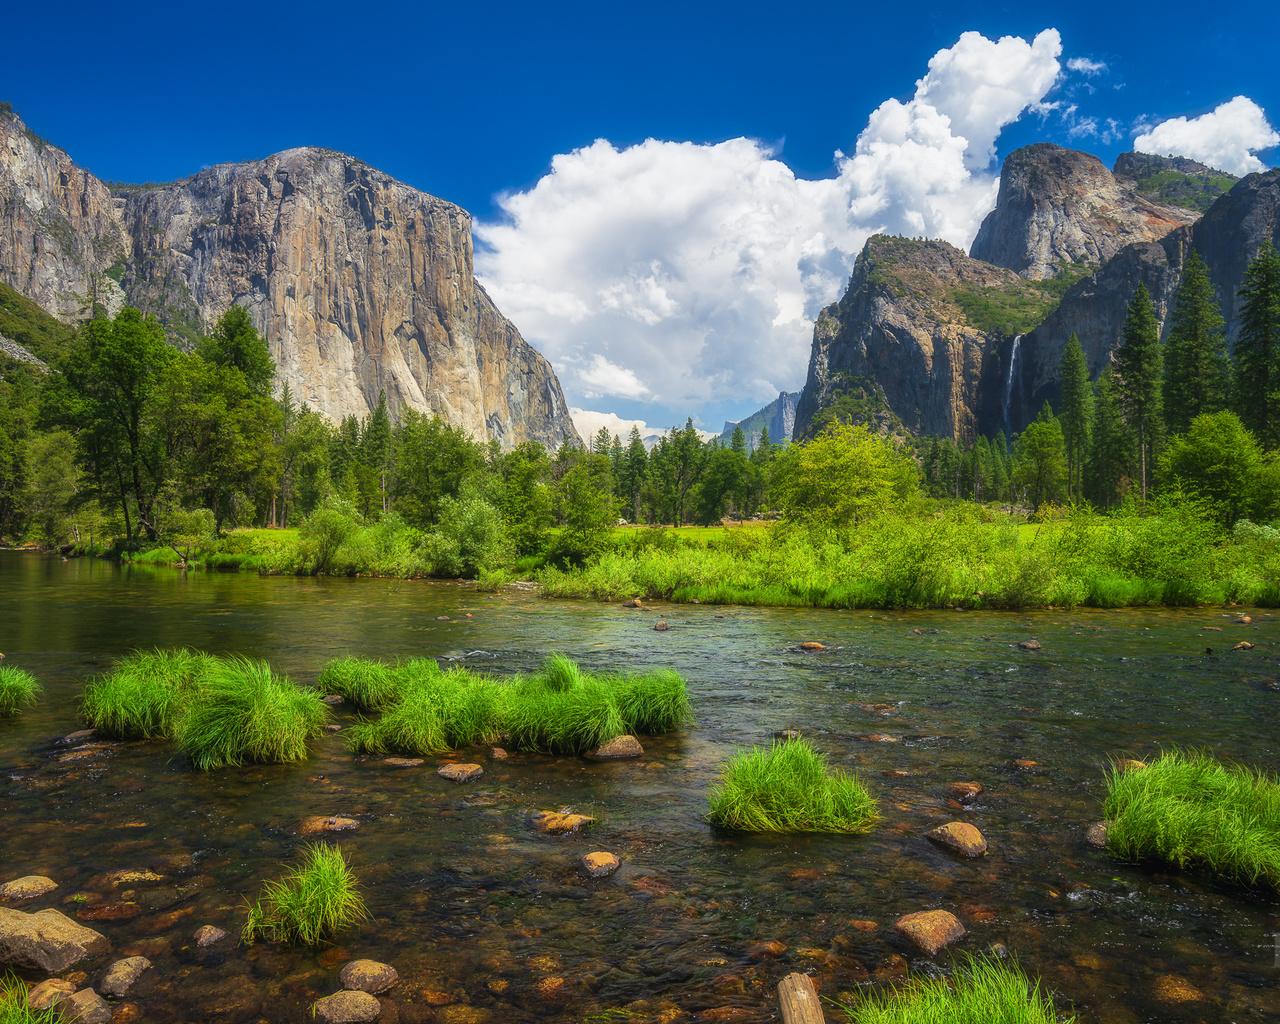 трава, облака, пейзаж, горы, природа, река, камни, сша, йосемити, национальный парк, yosemite national park, merced river